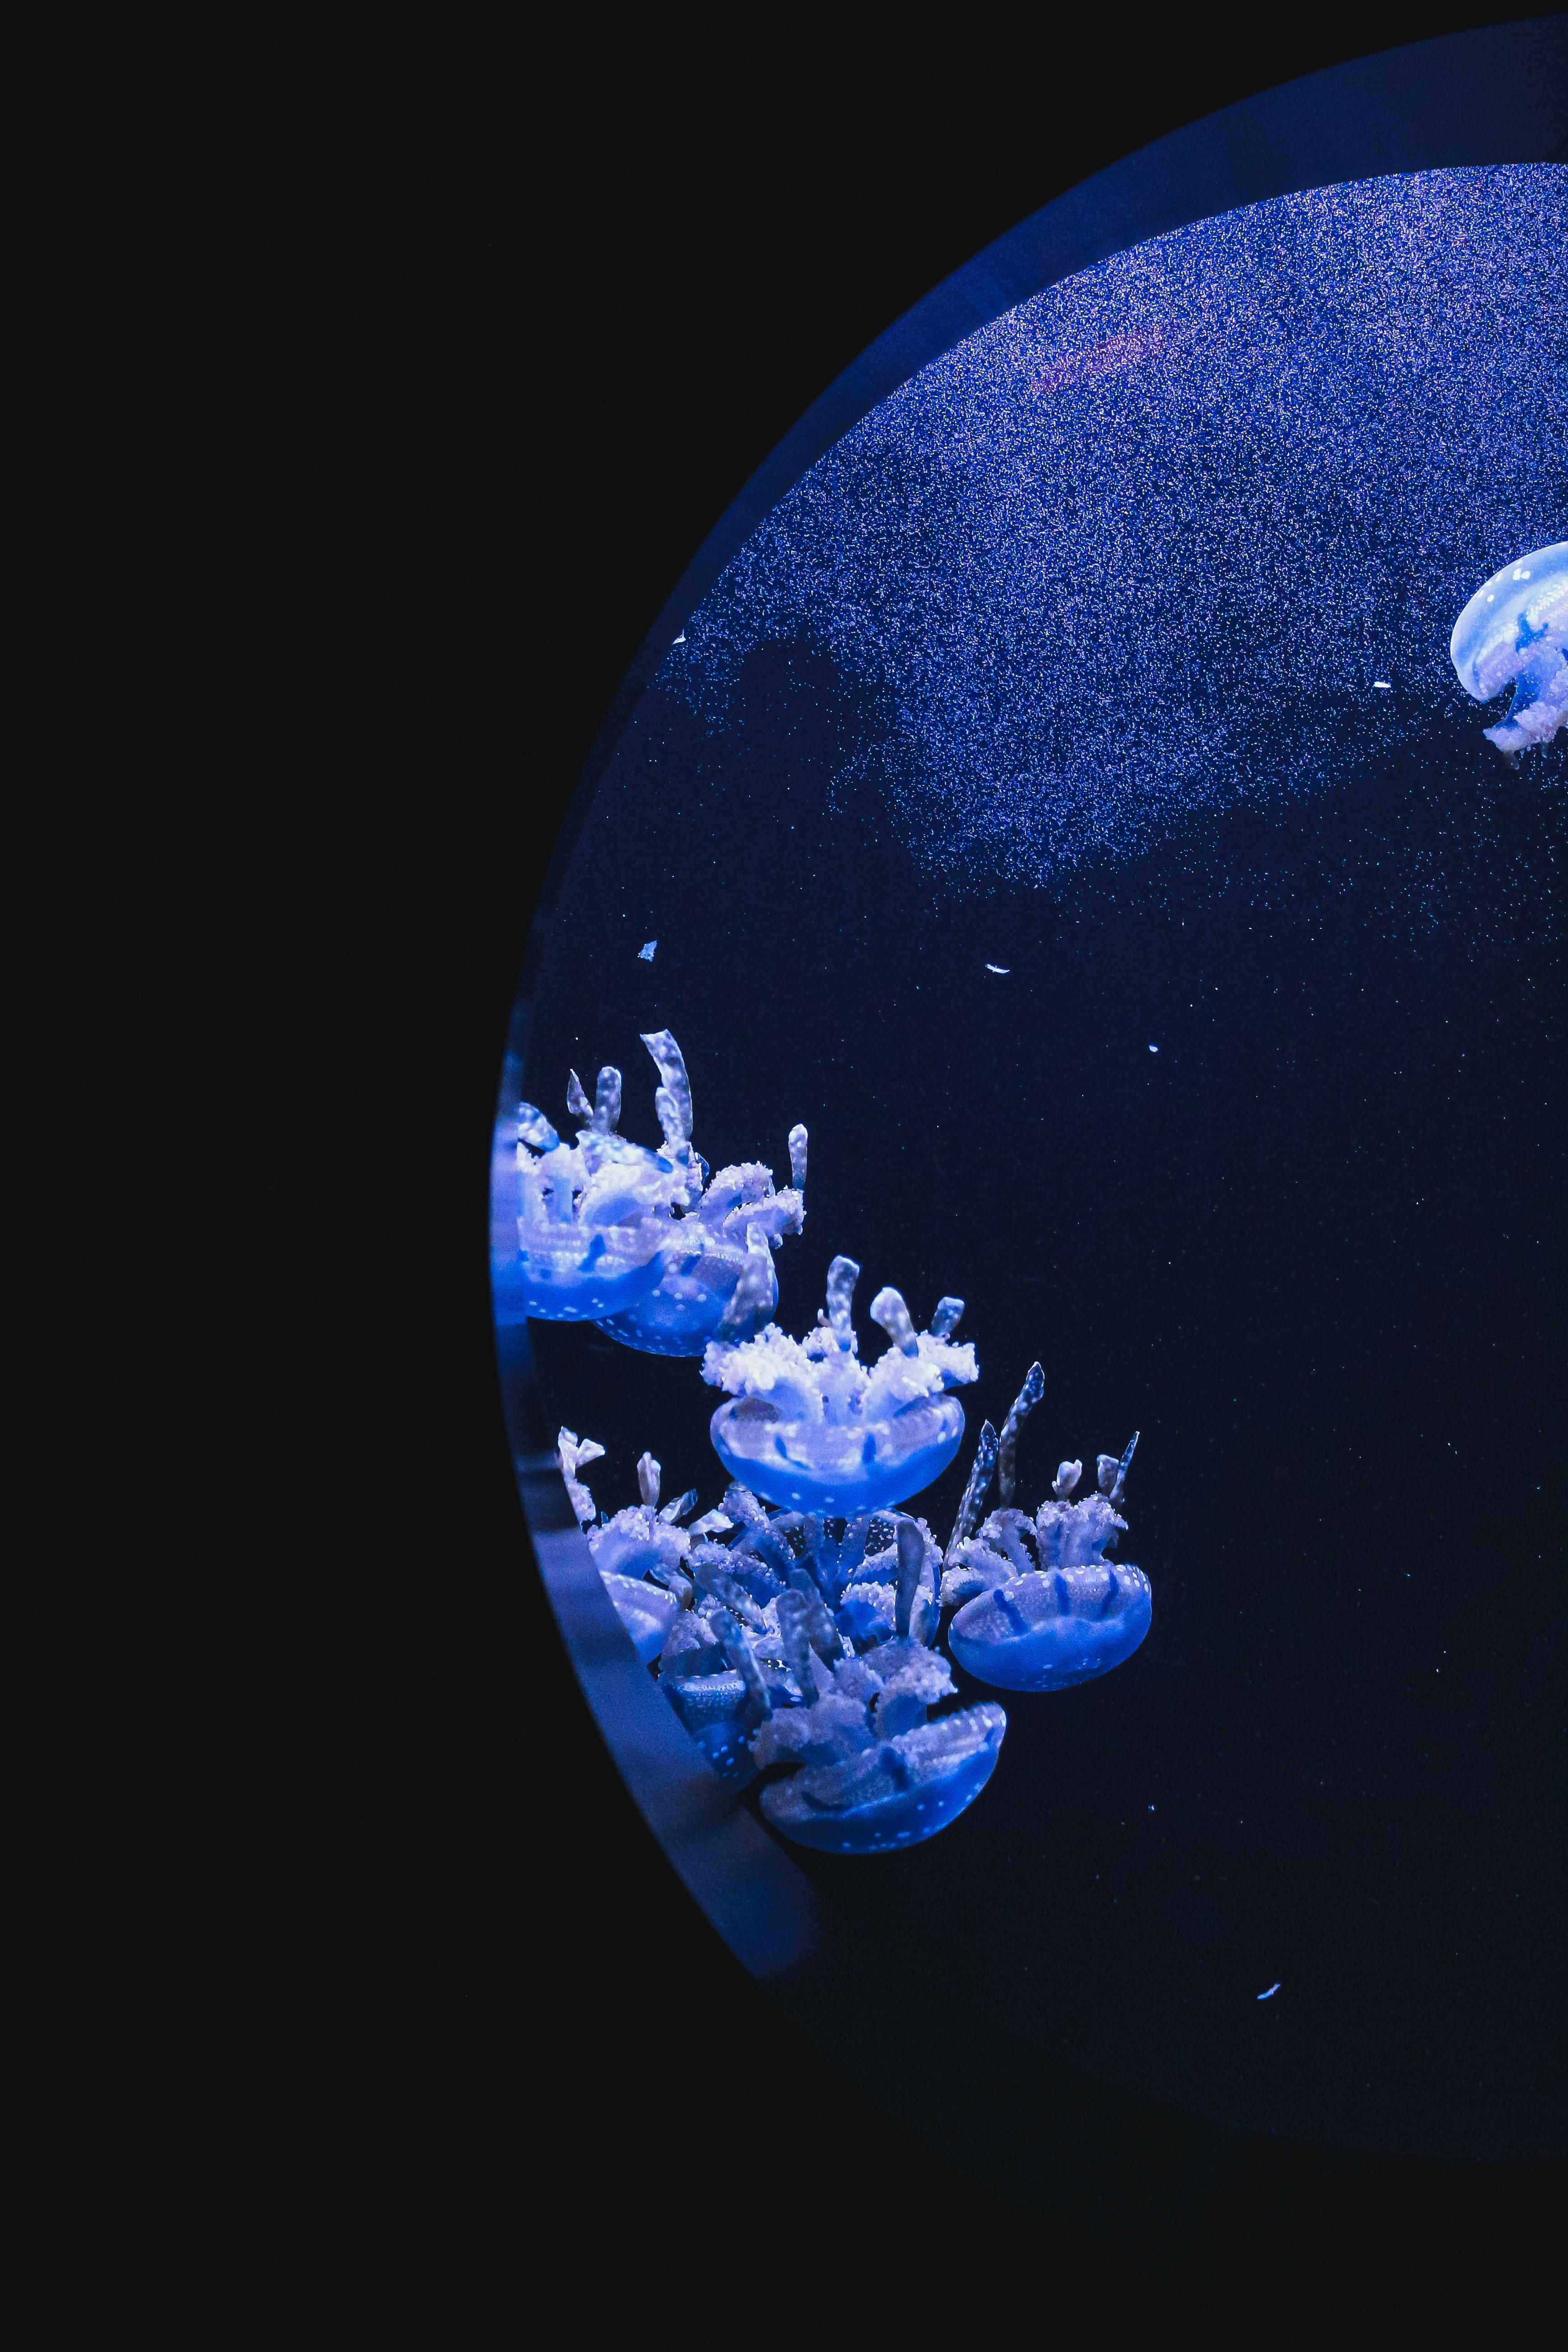 157343 скачать обои Животные, Под Водой, Вода, Иллюминатор, Макро, Медузы - заставки и картинки бесплатно